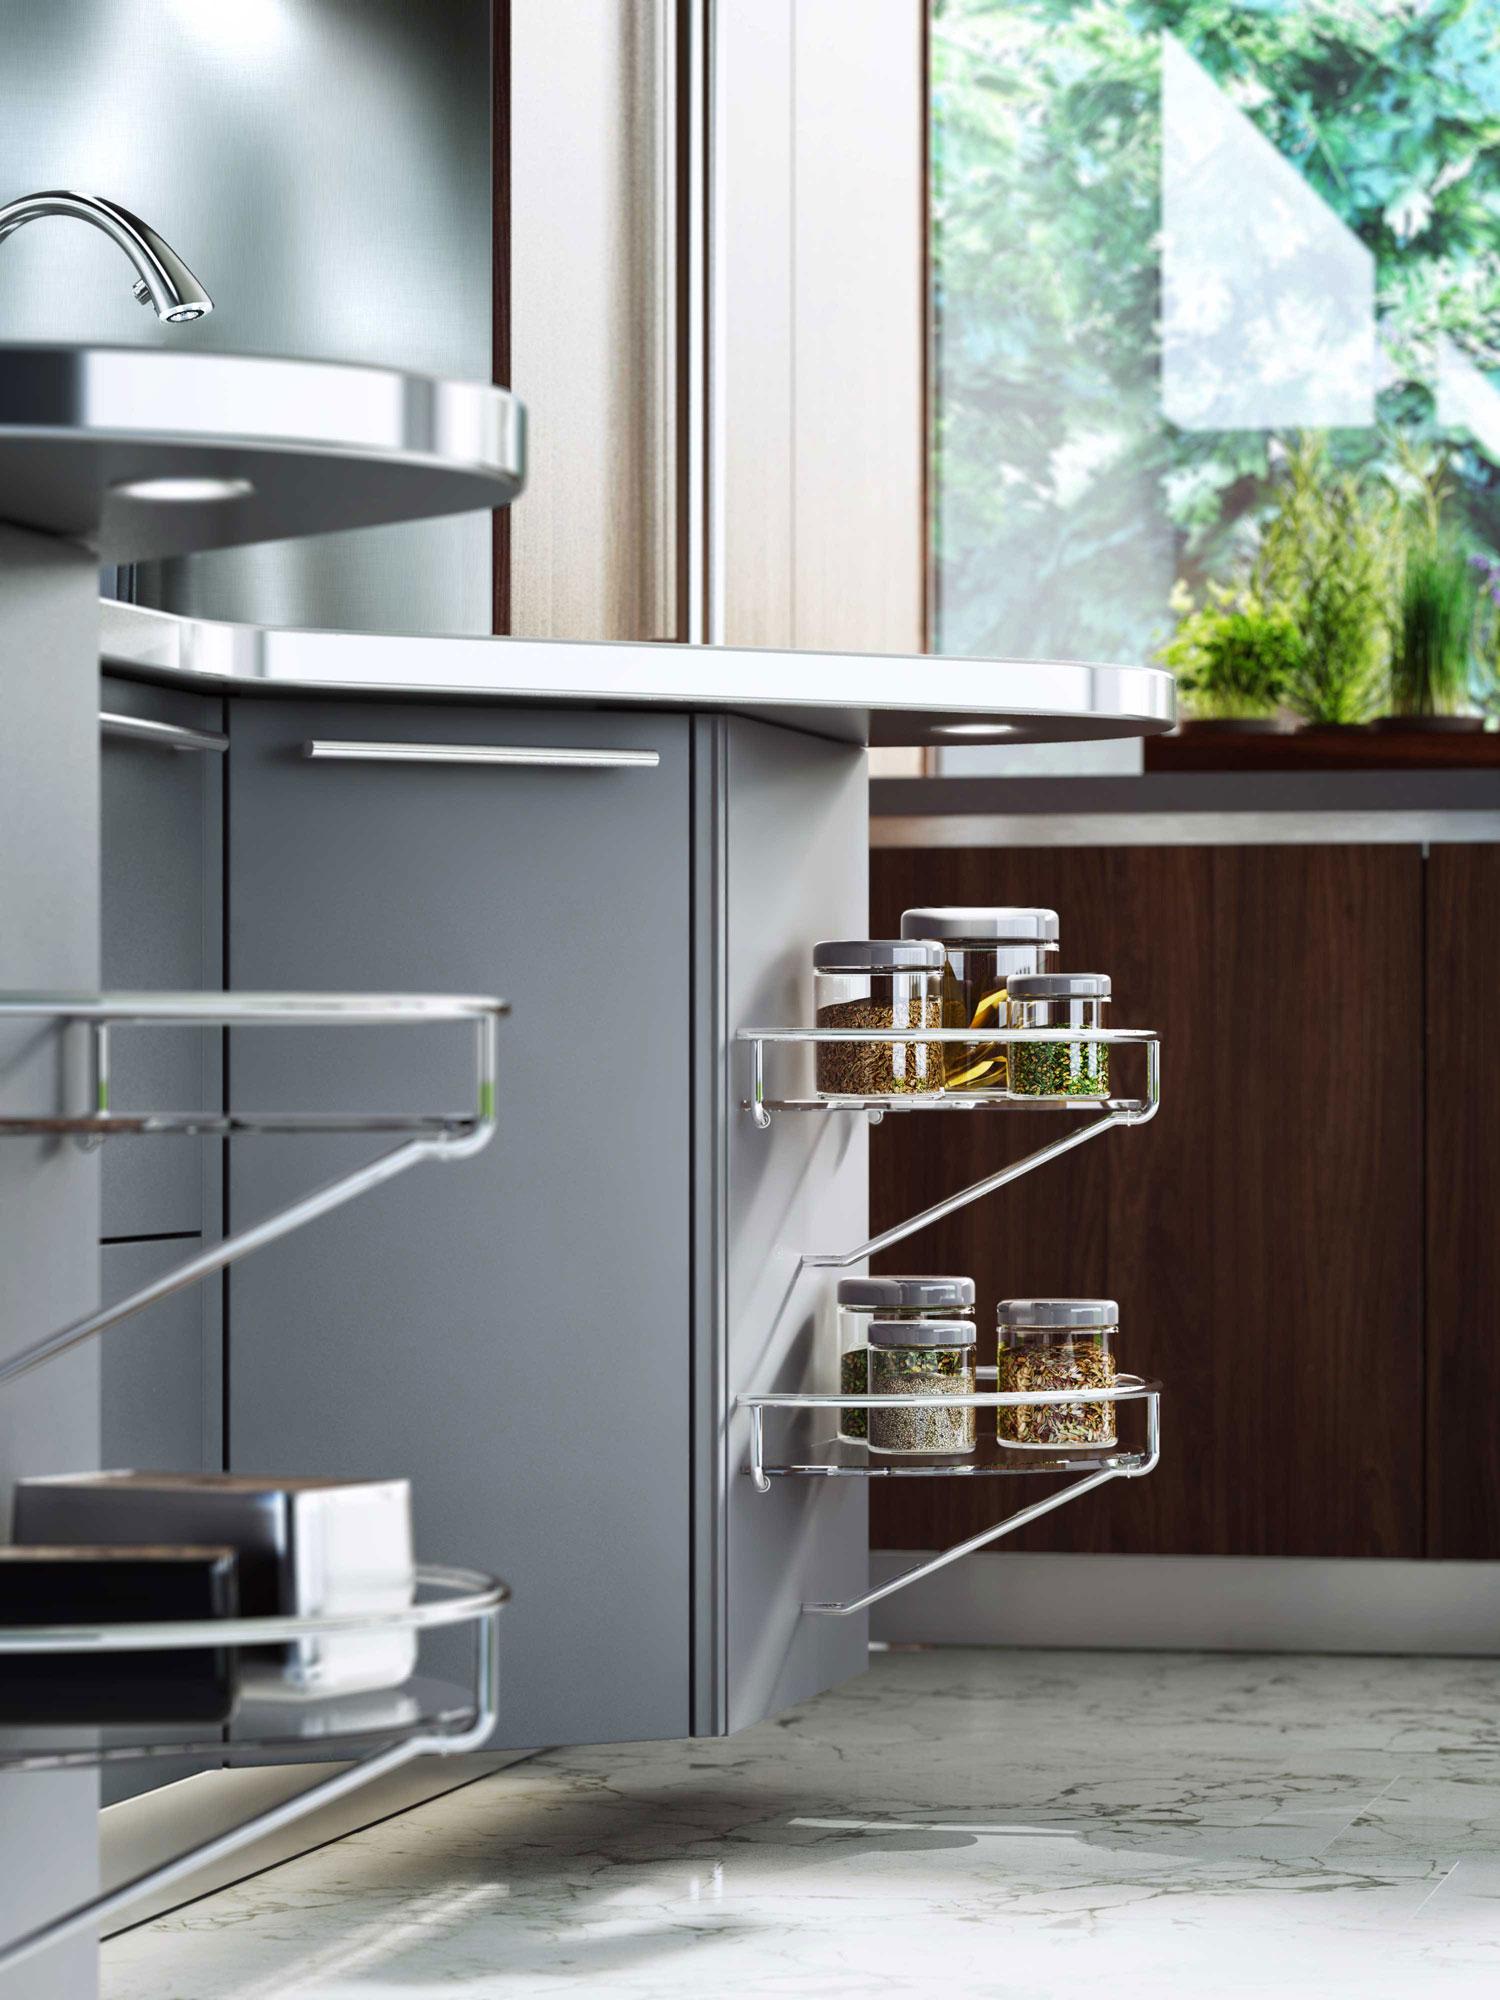 cucina-dettaglio-skyline-2-0-elegance-1